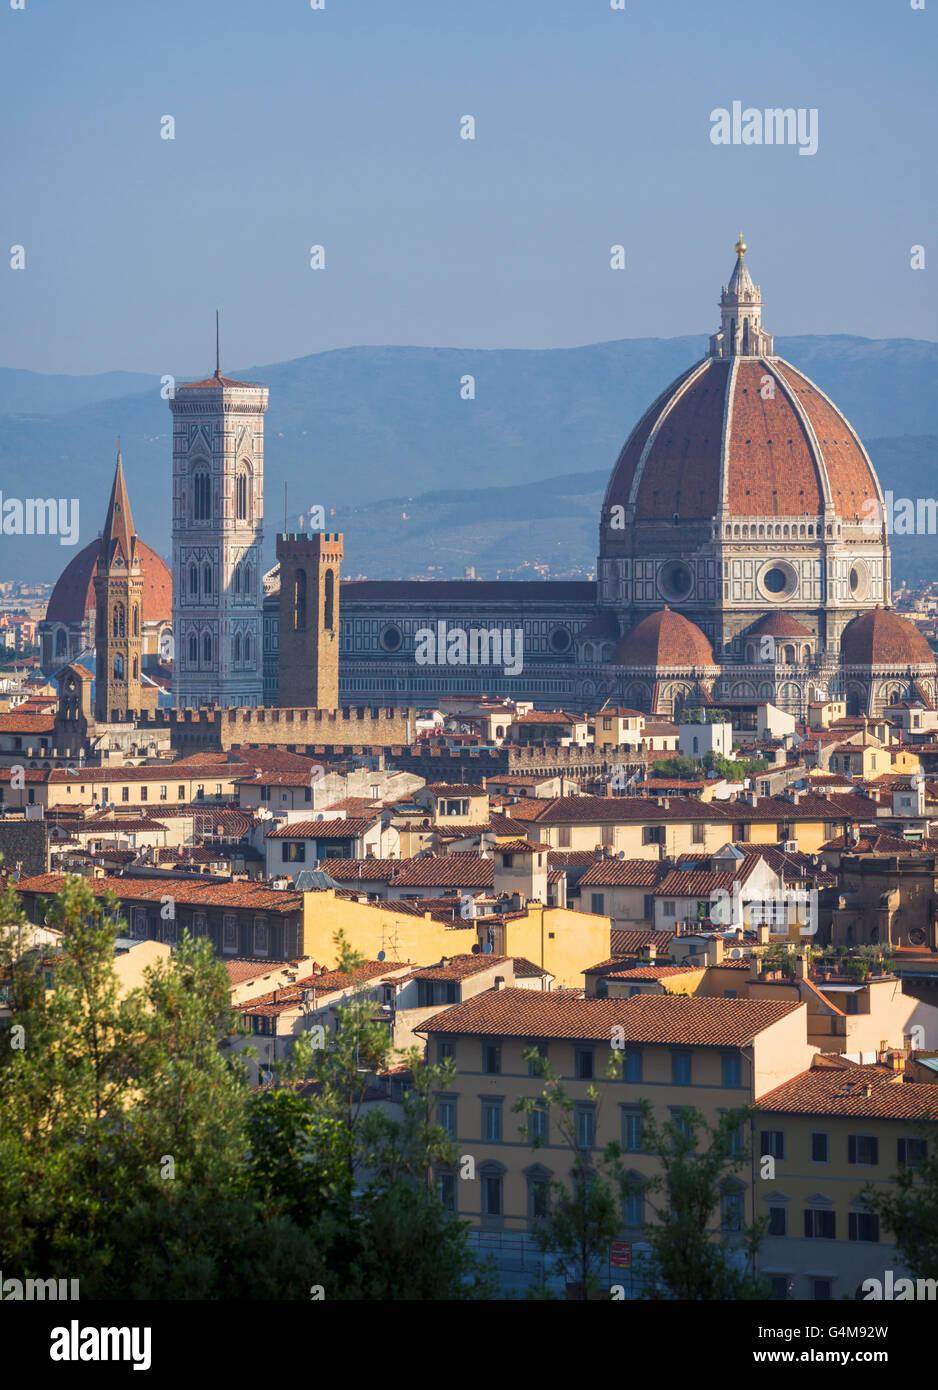 Firenze, Toscana, Italia. Vista sulla città al Duomo - Cattedrale di Santa Maria del Fiore Foto Stock